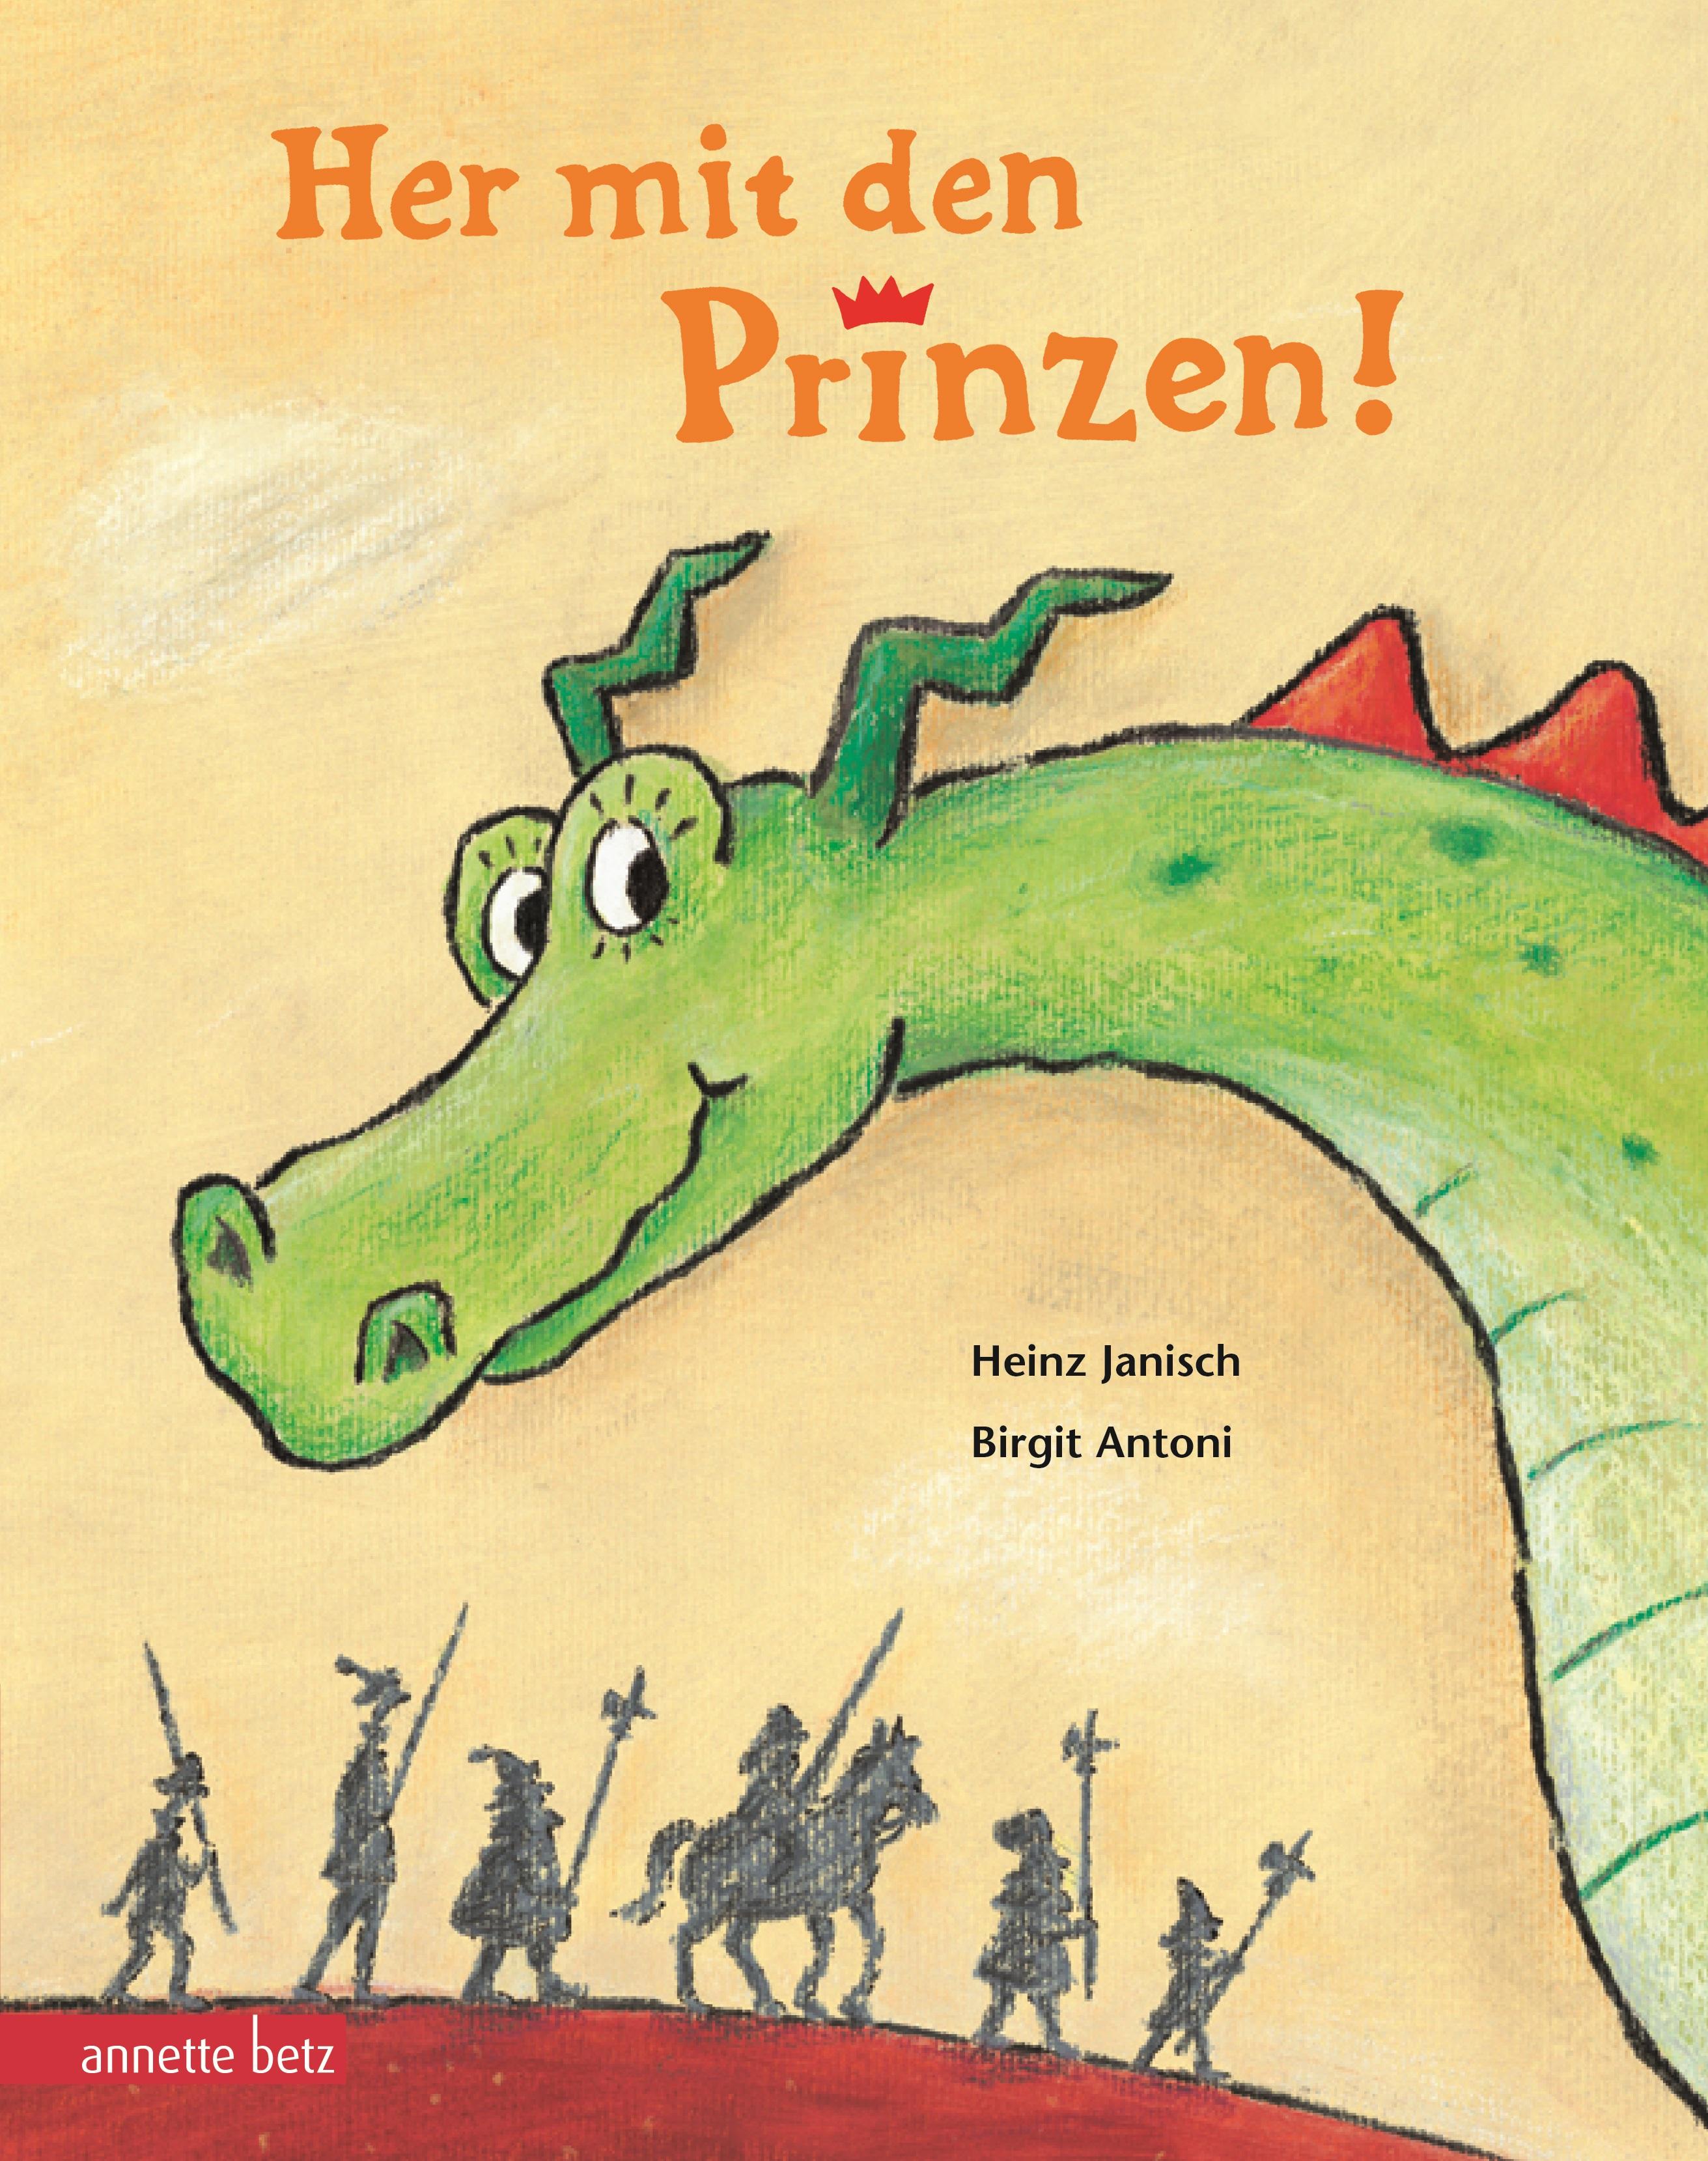 Her mit den Prinzen!, Heinz Janisch